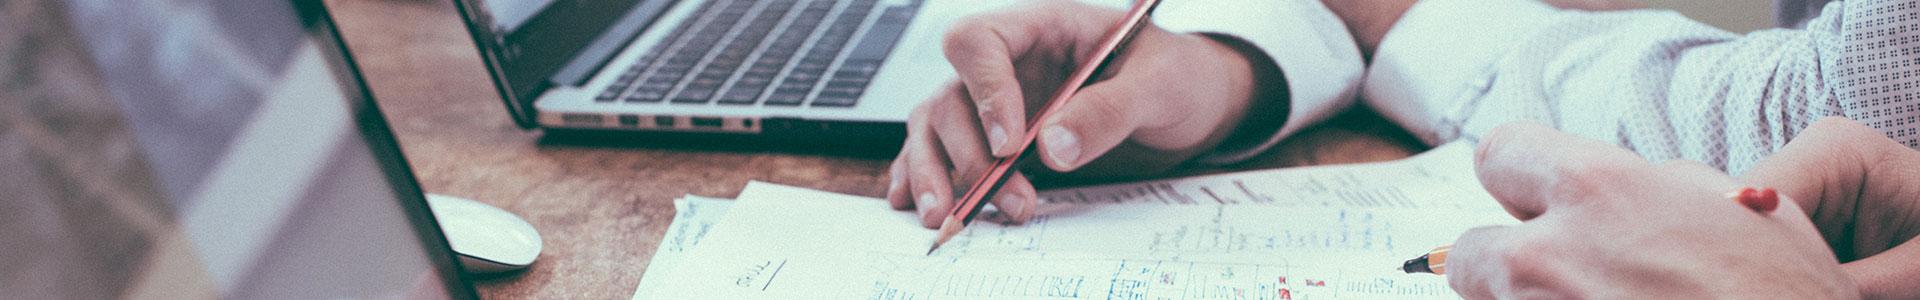 SEO Tipps zur Contenterstellung